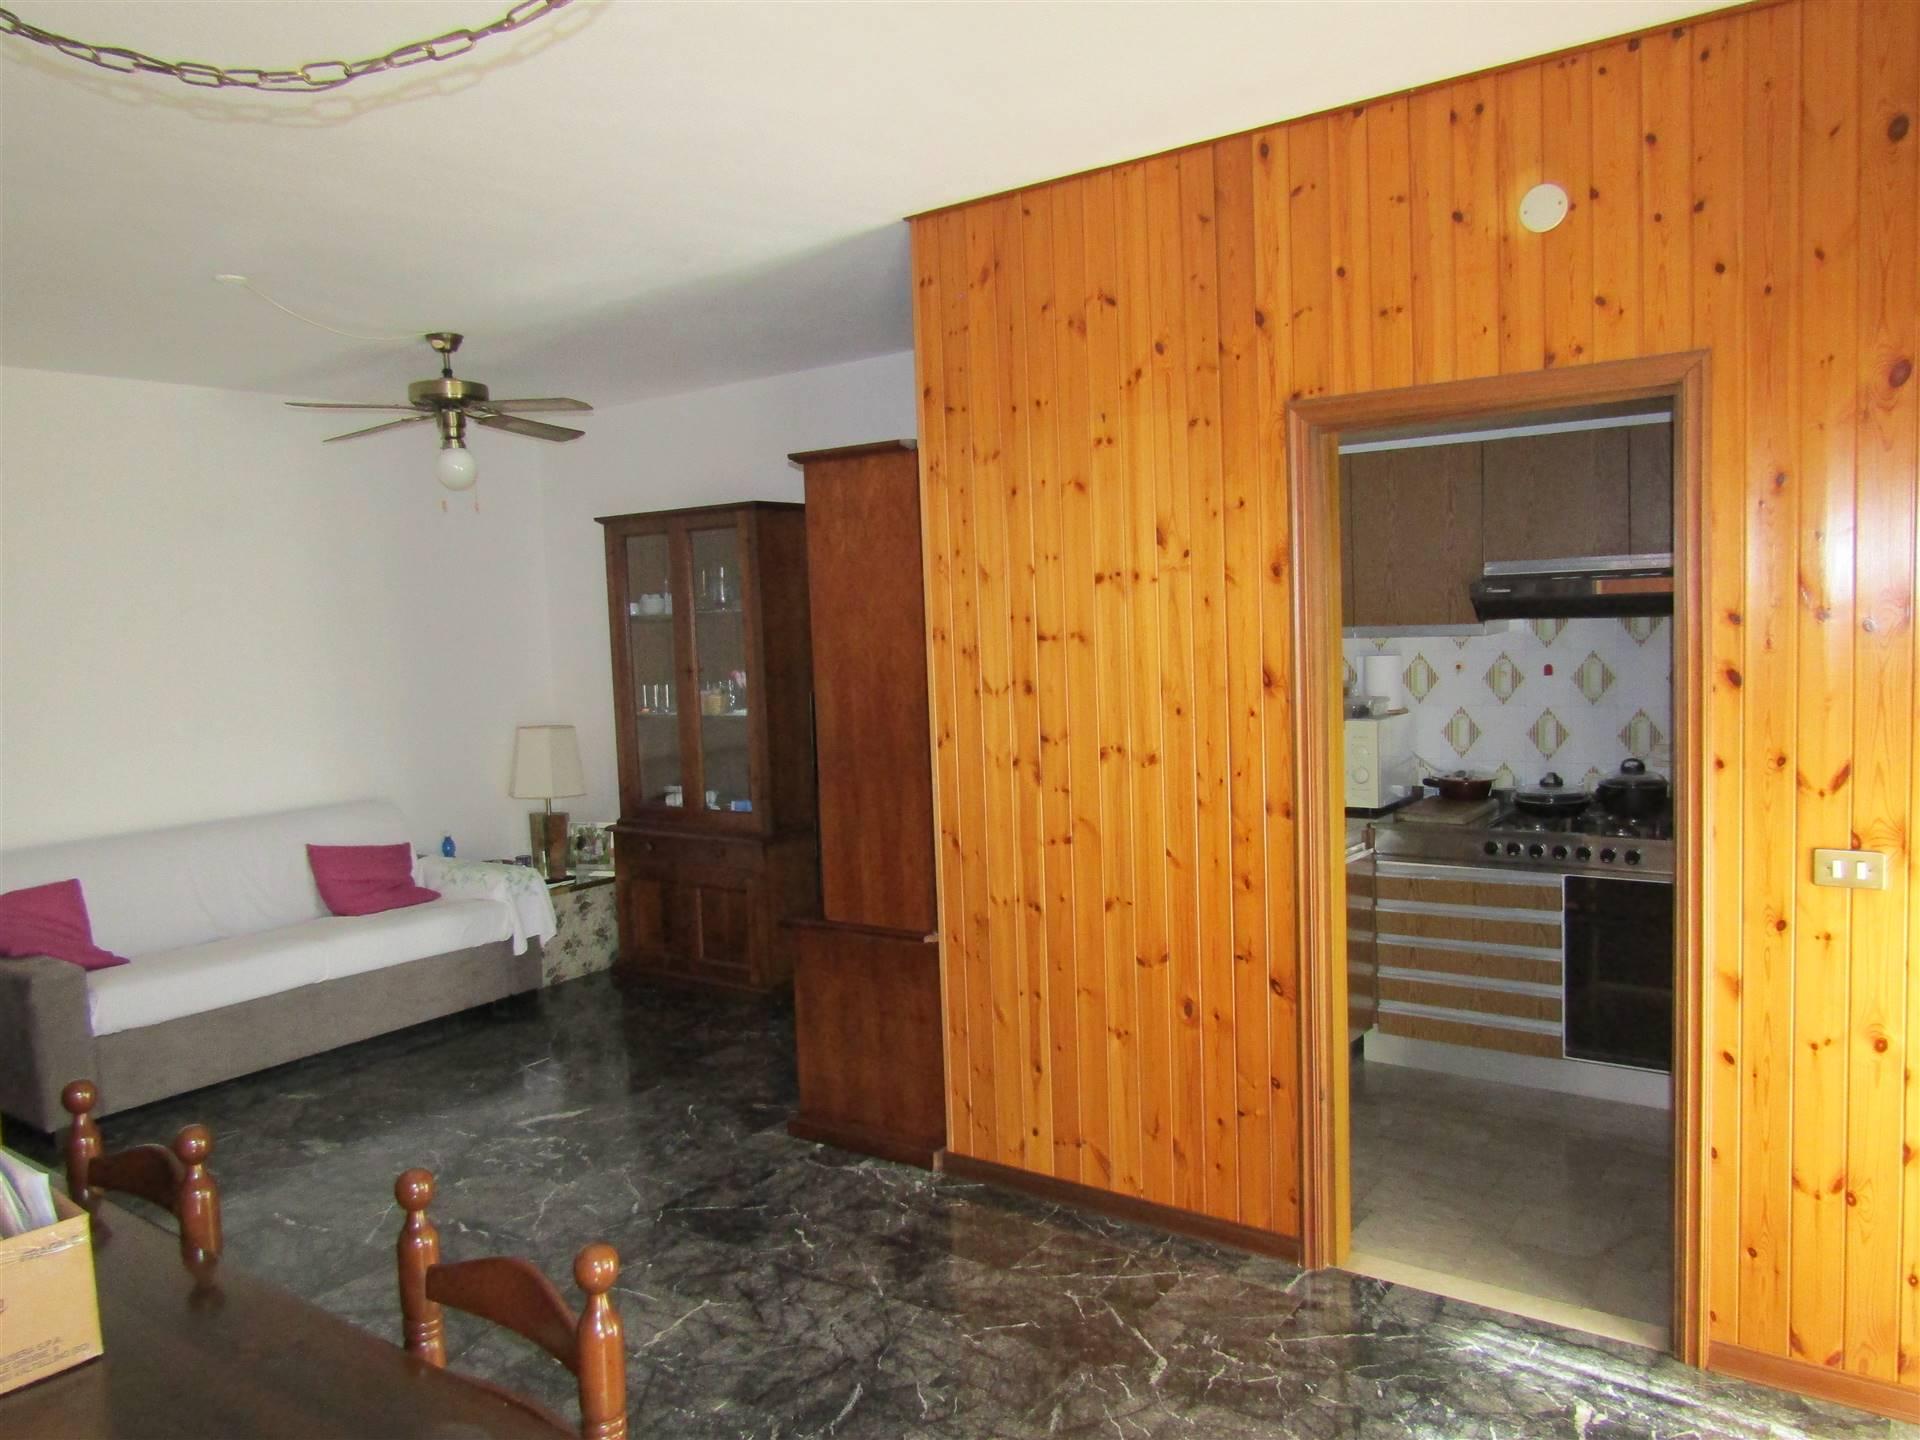 SALZANO, in pieno centro, comodo a tutti i servizi essenziali, spazioso appartamento al 3° piano con ascensore, composto da ingresso su